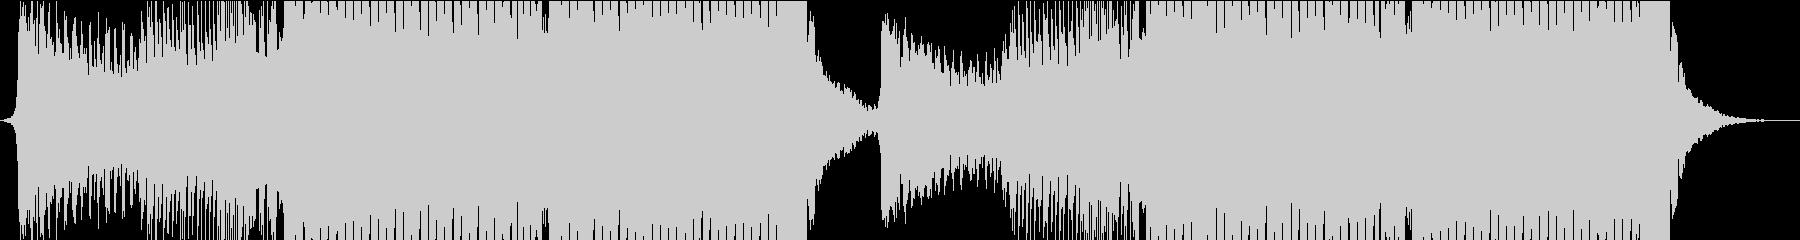 野外フェス・クラブ系・ハードなEDMの未再生の波形